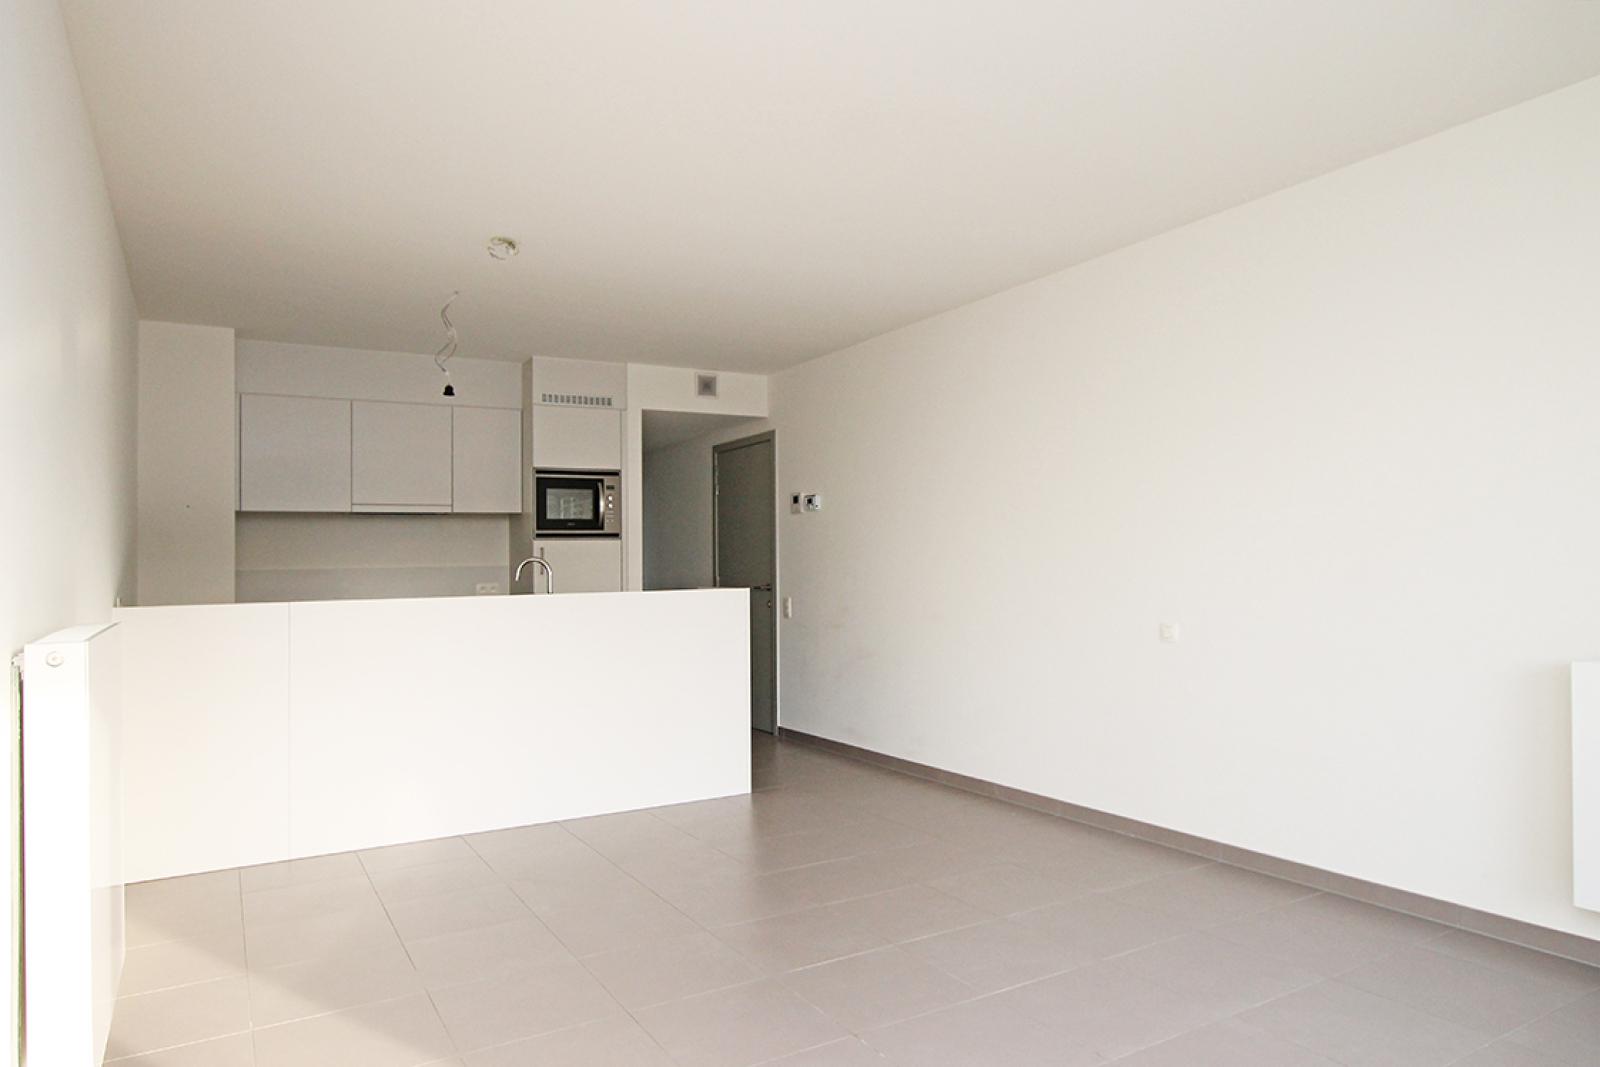 Prachtig nieuwbouwappartement aan Park Spoor Noord! afbeelding 2